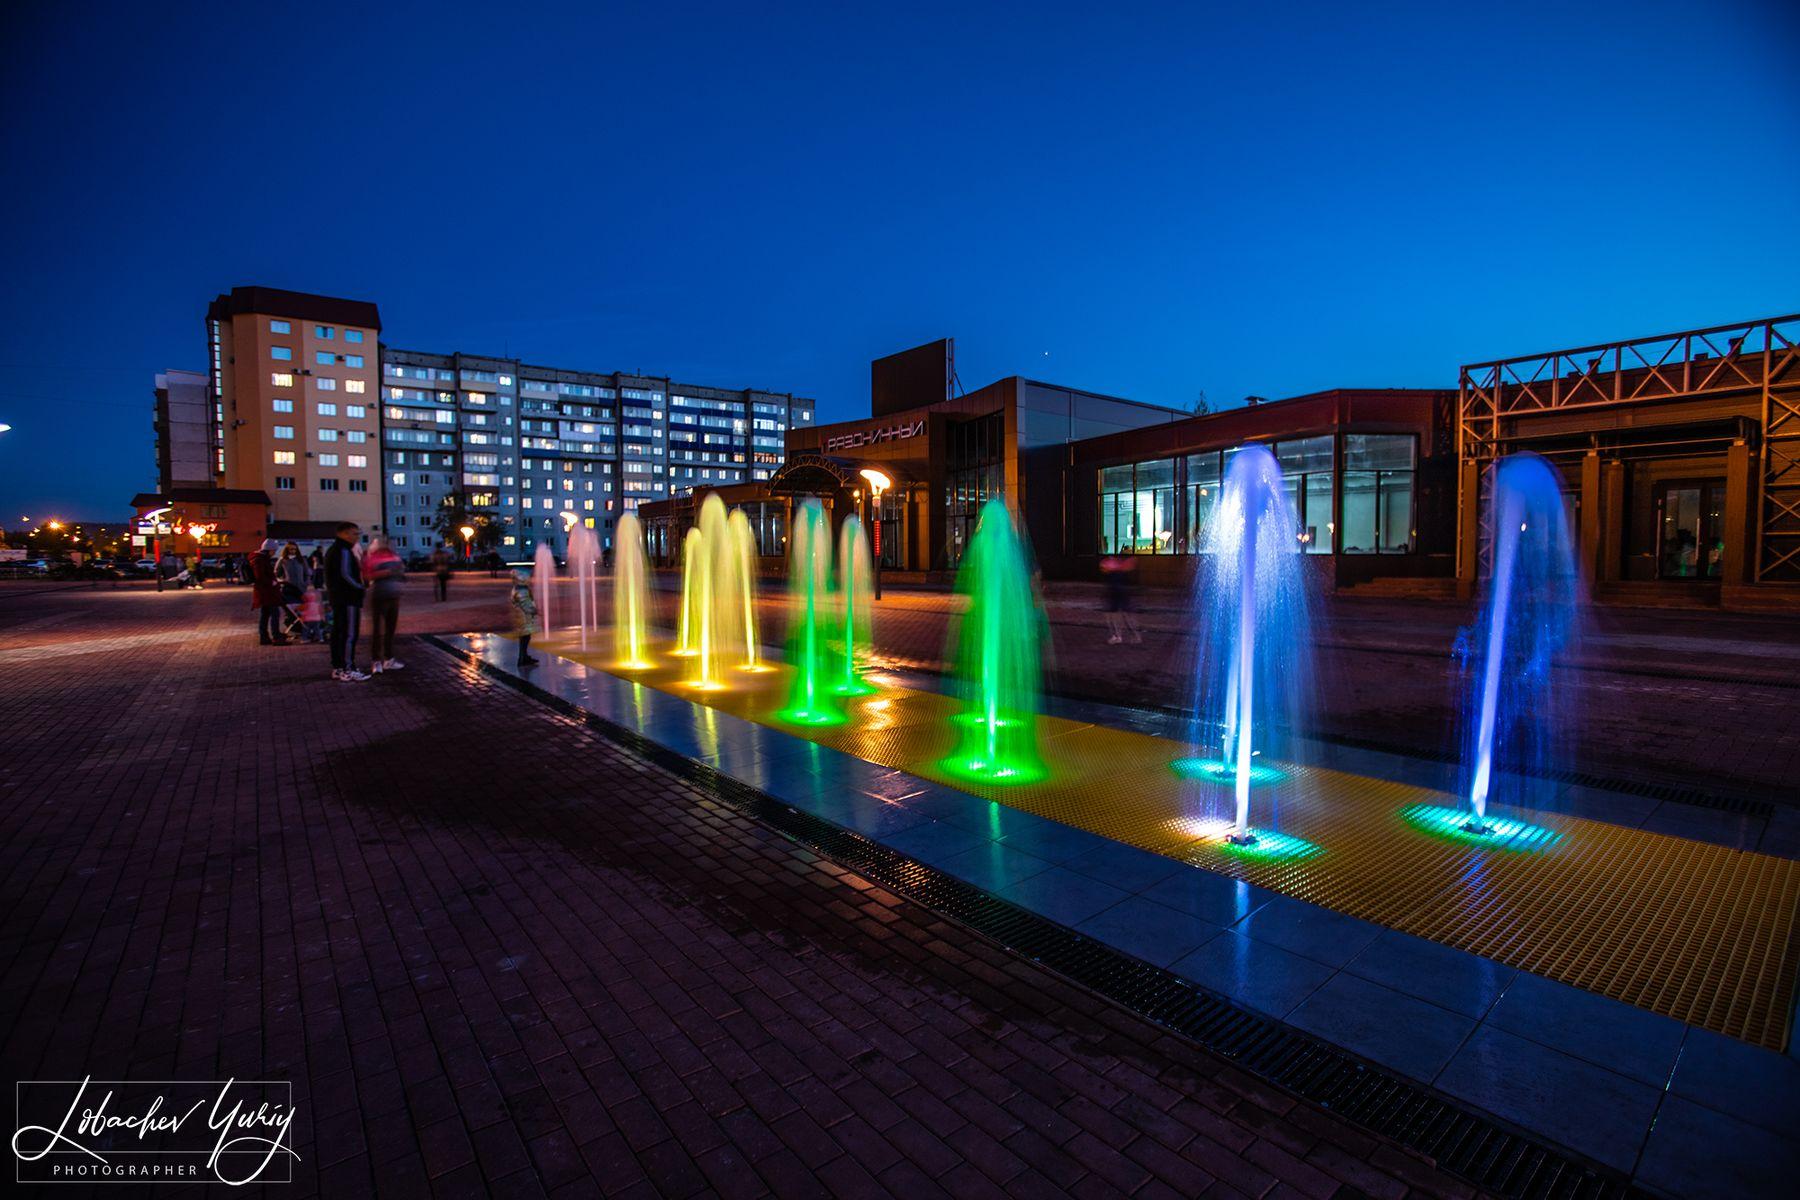 Красивый фонтан Междуреченск Красивый фонтан Междуреченск праздничный